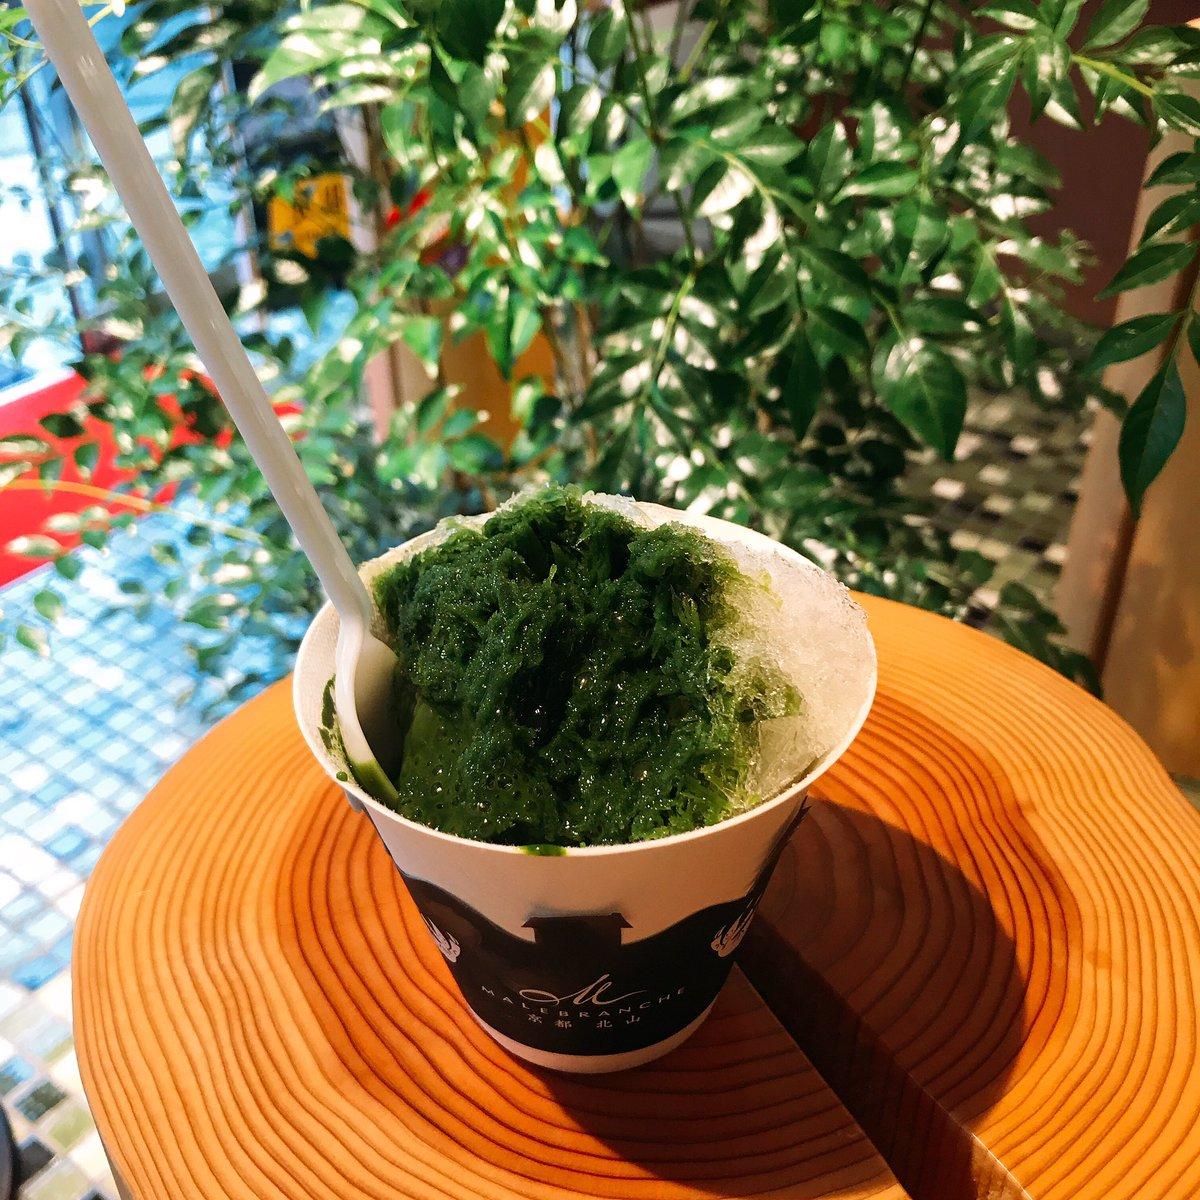 test ツイッターメディア - 京都タワーのマールブランシュ限定の「天然氷 生茶の菓かき氷」も美味しかった😋 https://t.co/0qPEgmAjld